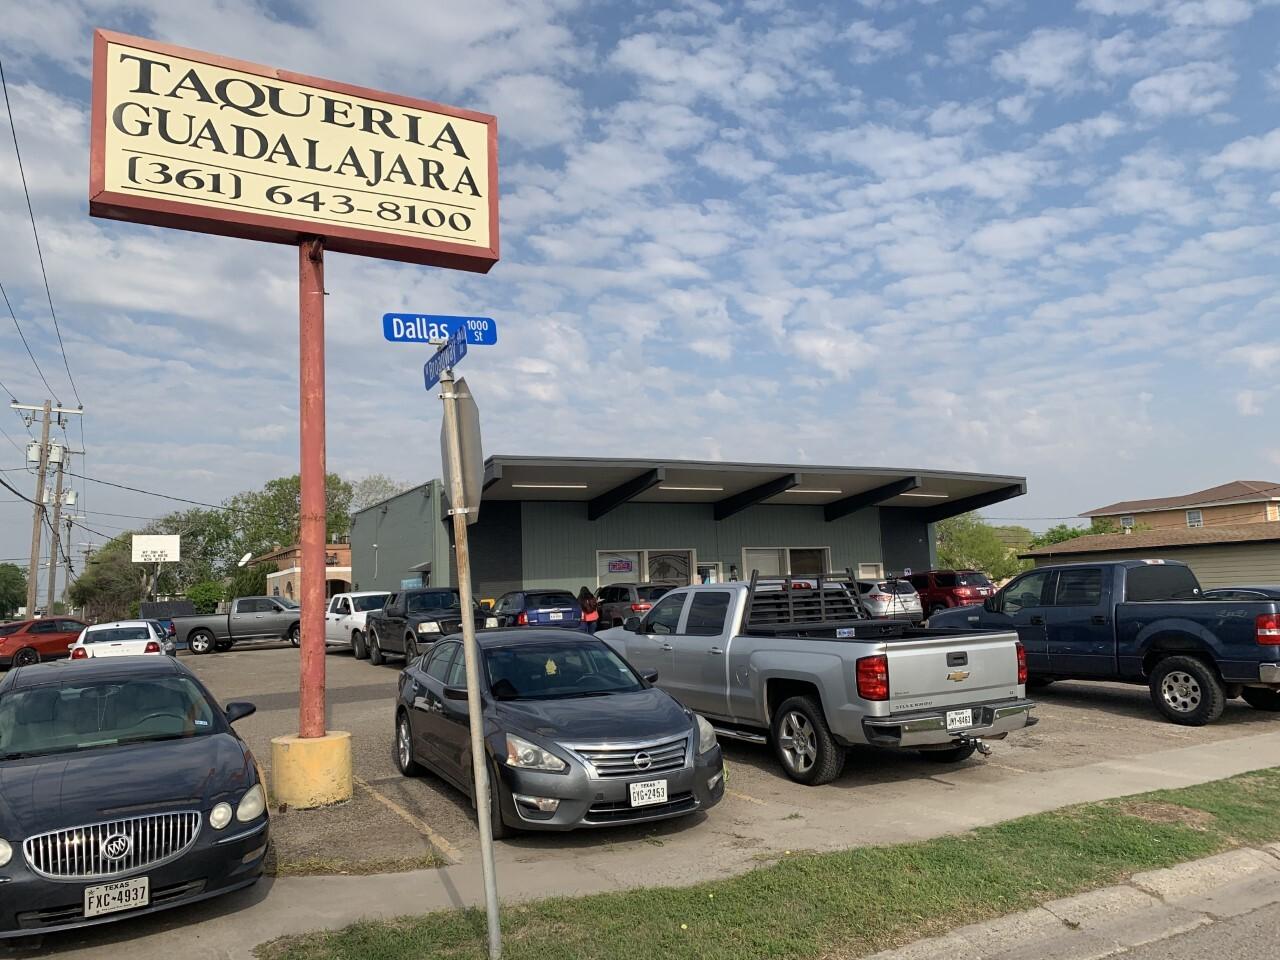 Business is booming at Taqueria Guadalajara